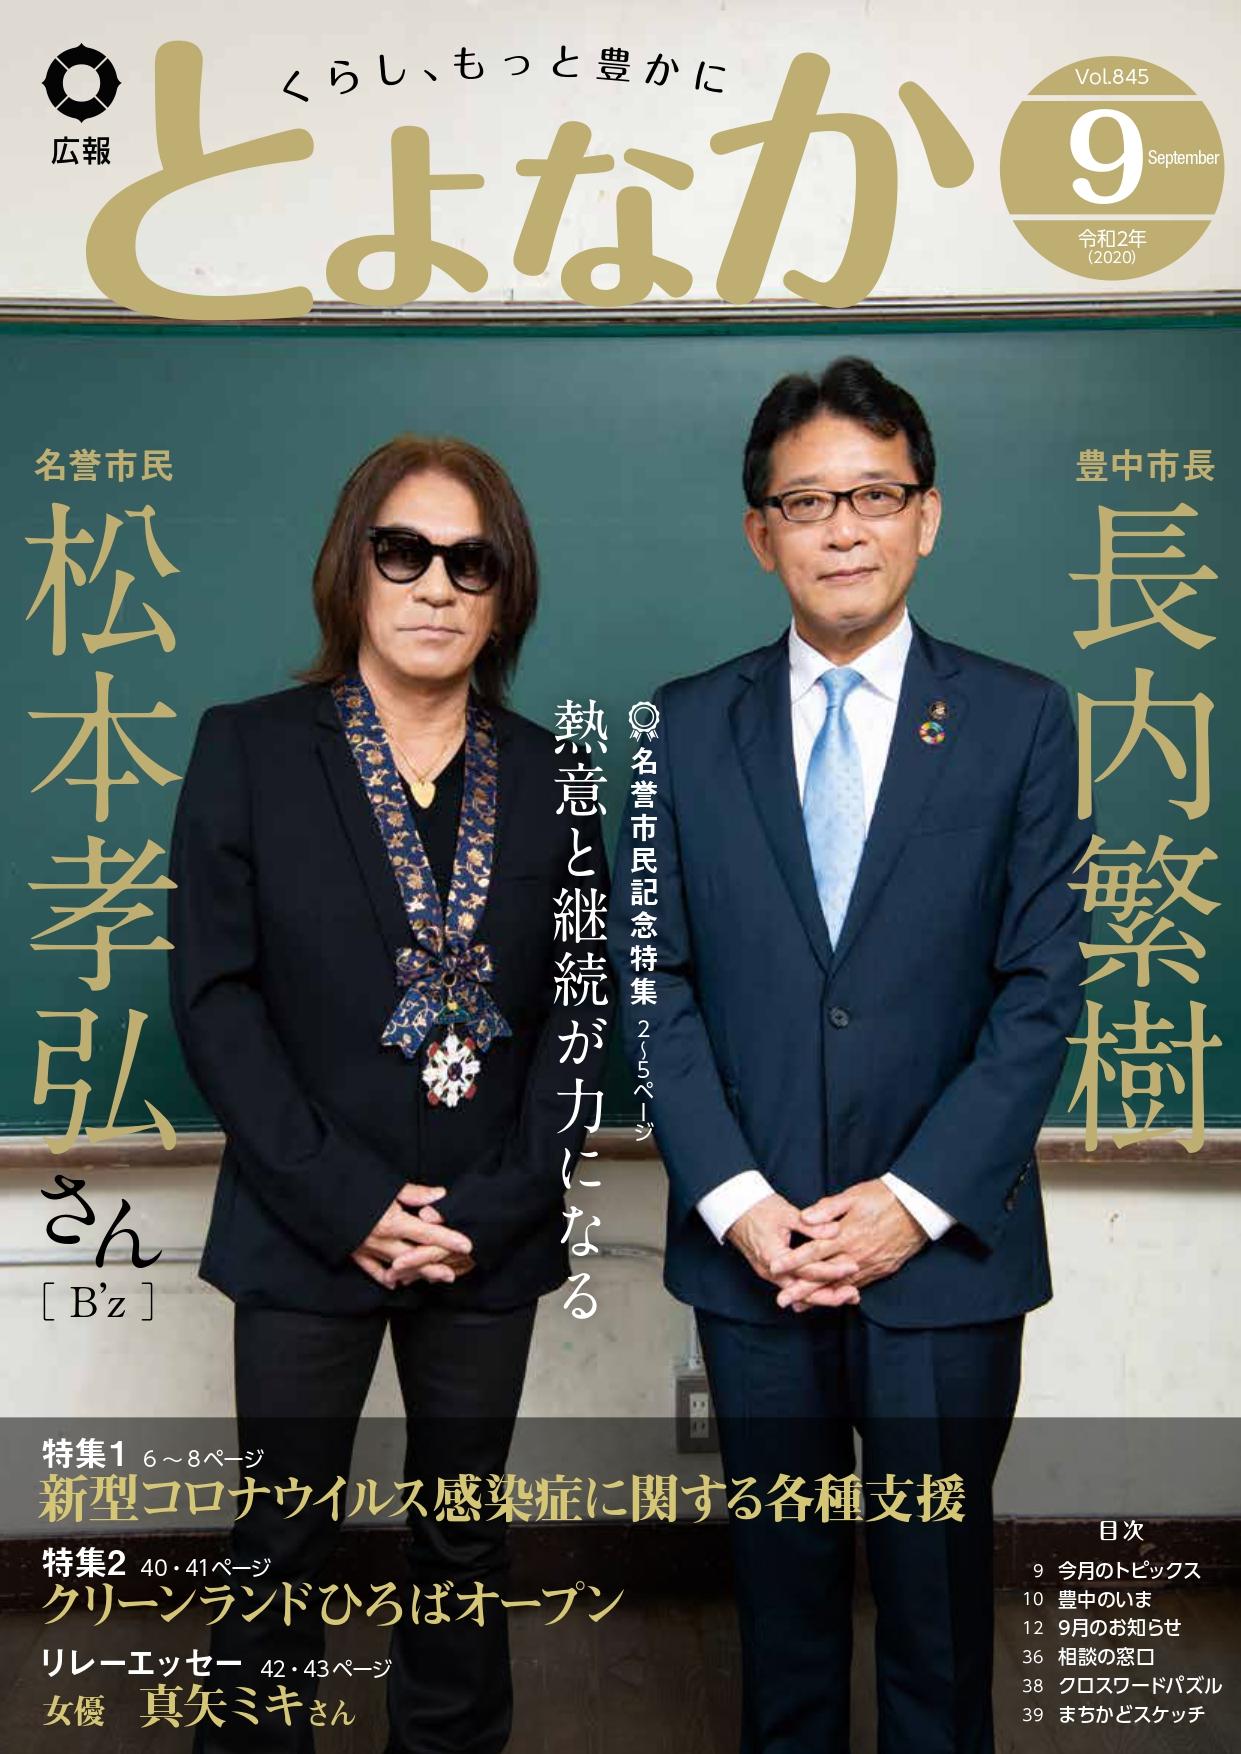 広報誌『広報とよなか』2020年9月号の表紙を飾ったB'z松本孝弘と長内繁樹市長